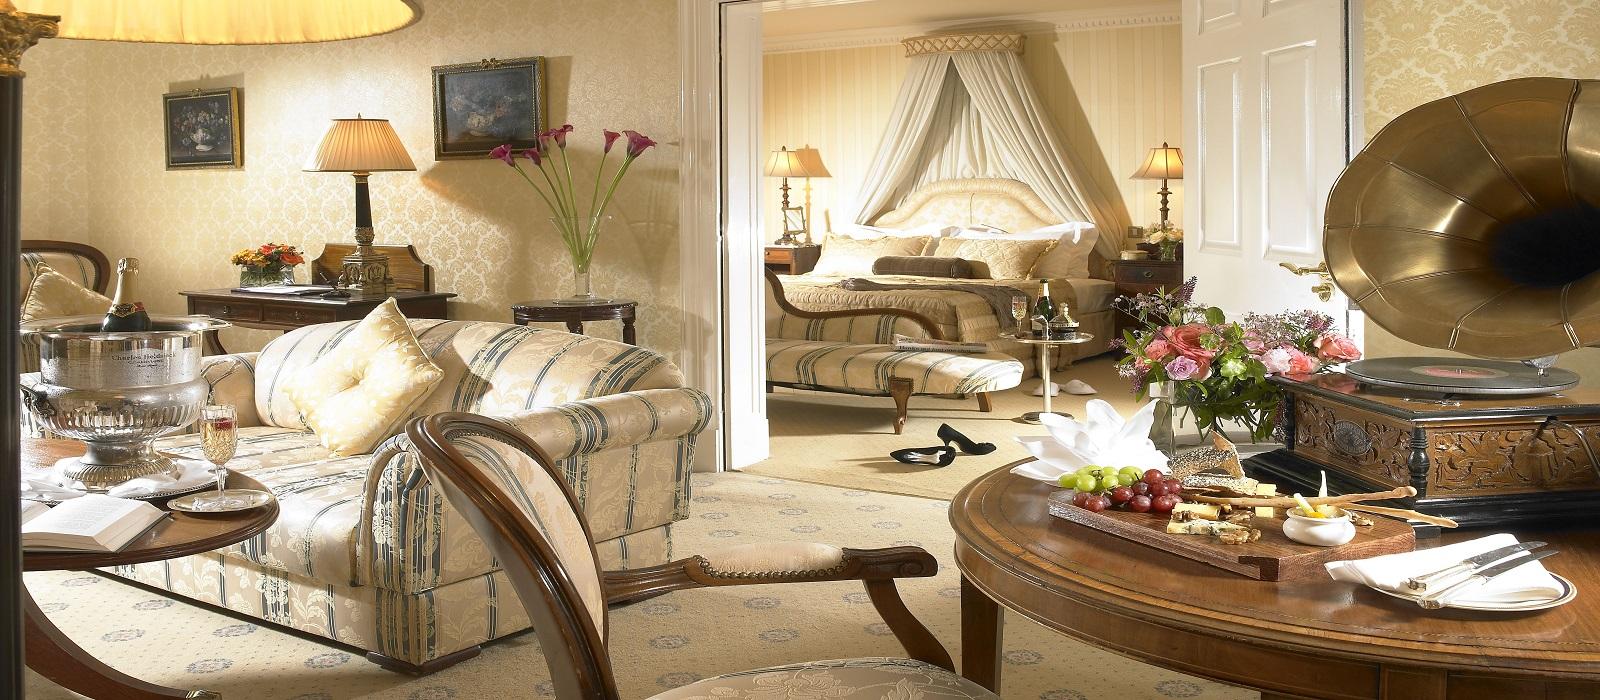 hotels cork, luxury hotels cork - 5 star hayfield manor hotel